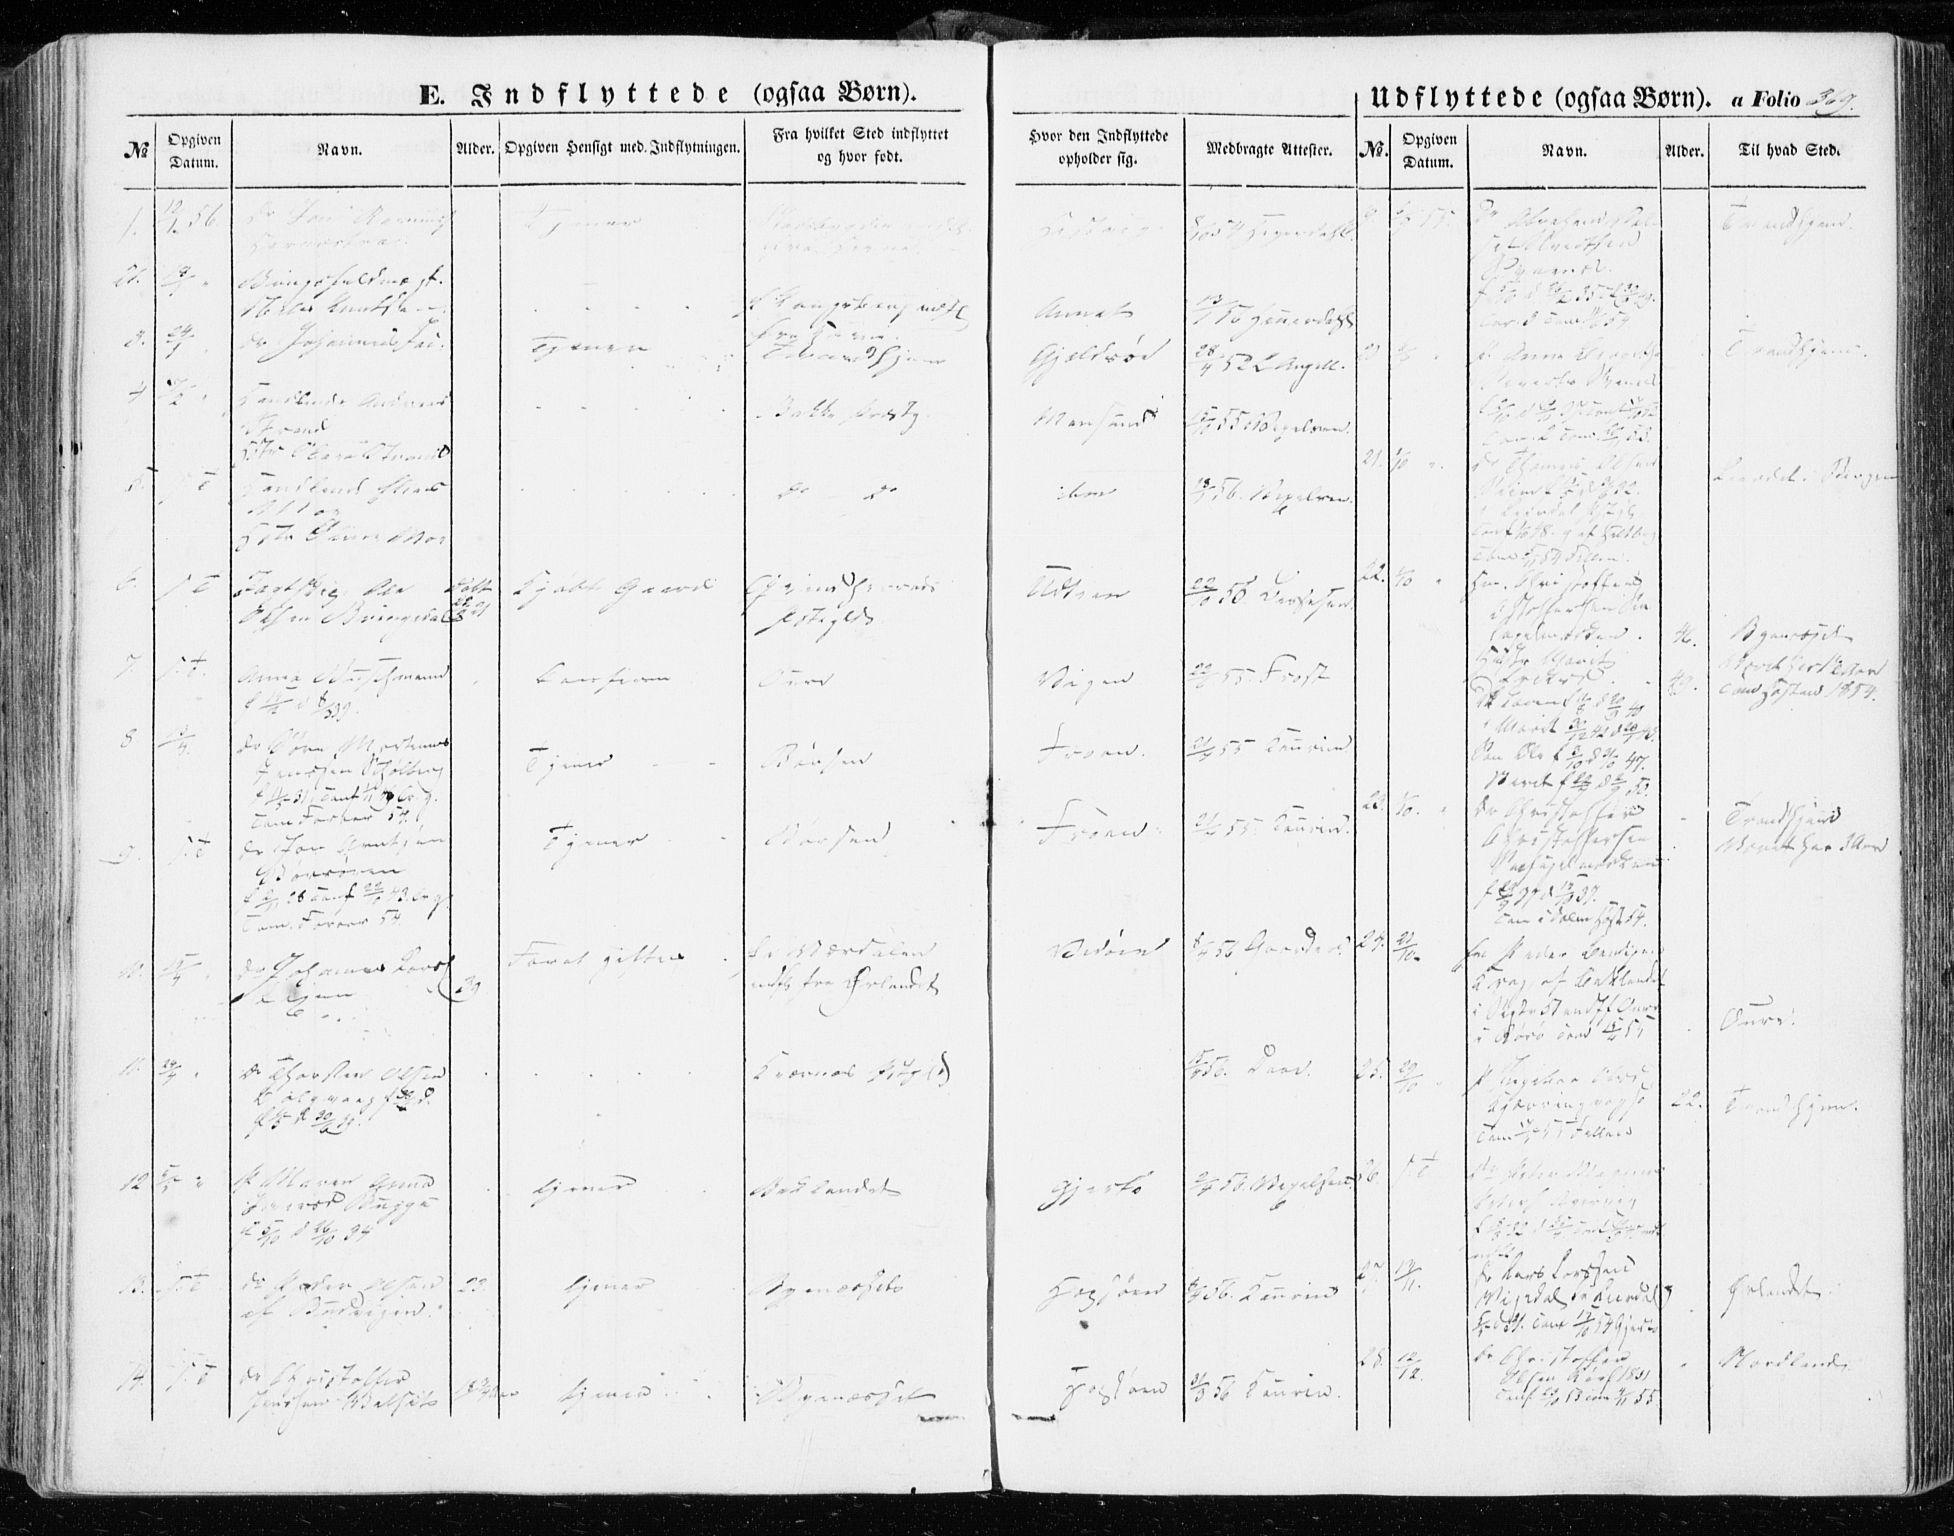 SAT, Ministerialprotokoller, klokkerbøker og fødselsregistre - Sør-Trøndelag, 634/L0530: Ministerialbok nr. 634A06, 1852-1860, s. 369